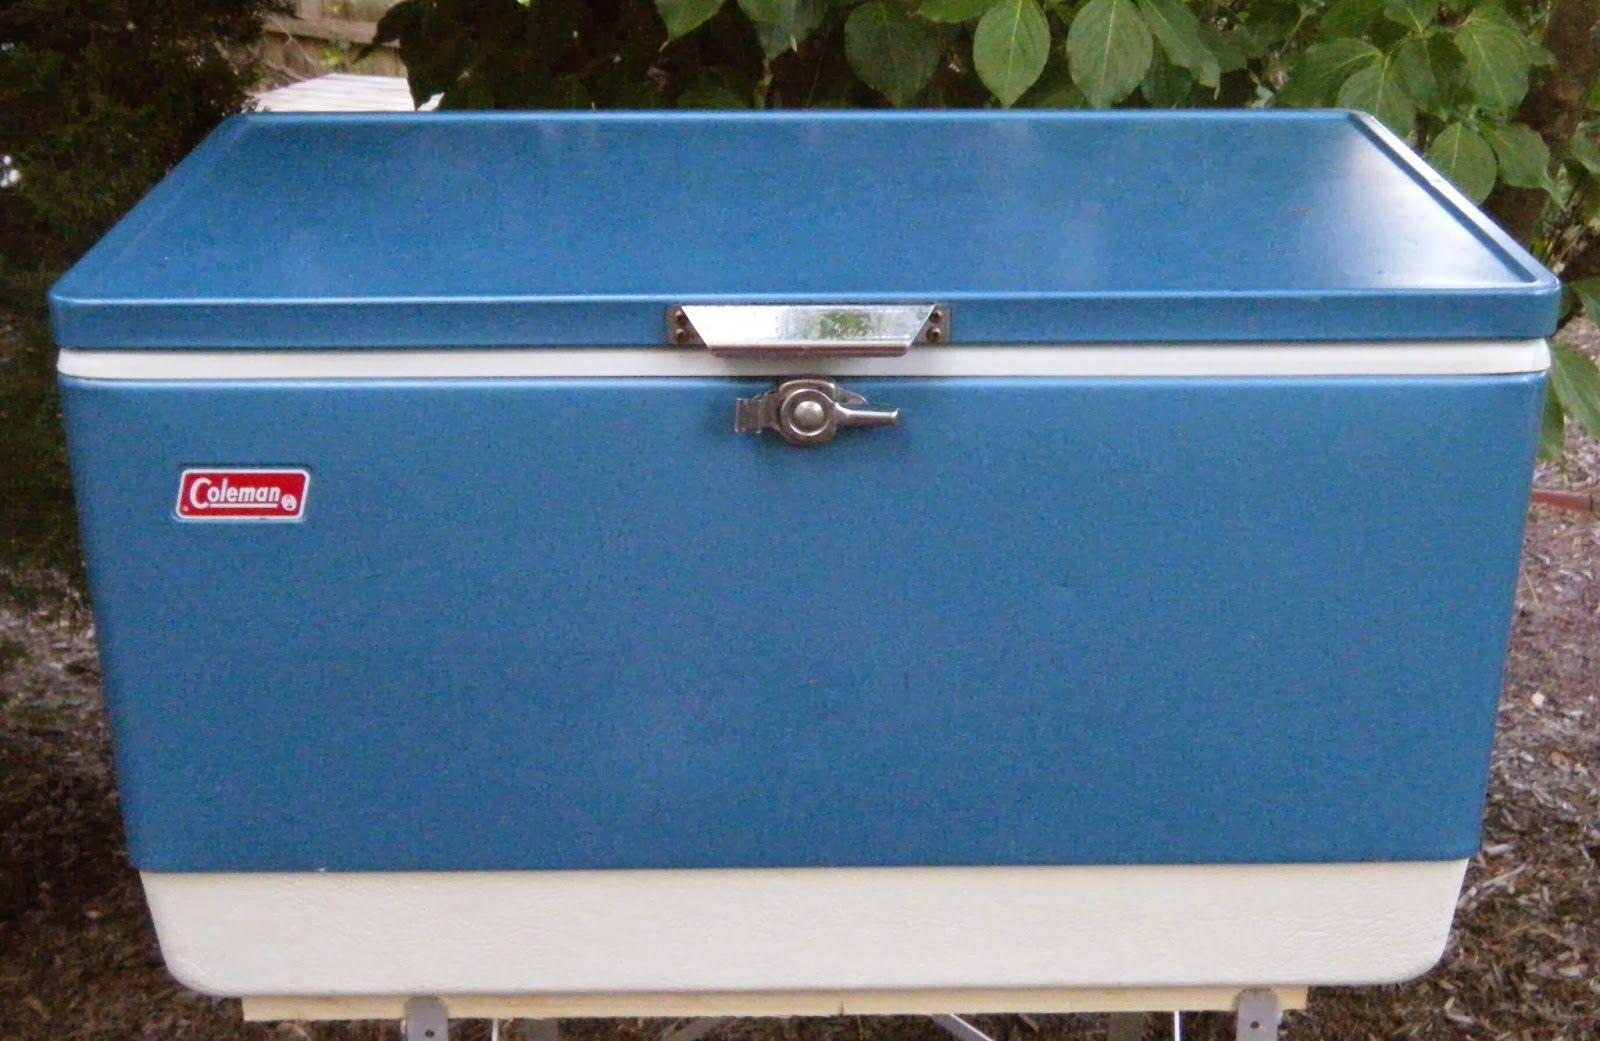 Image Result For Vintage Coolers For Sale Craigslist Vintage Cooler Coolers For Sale Light Oak Furniture